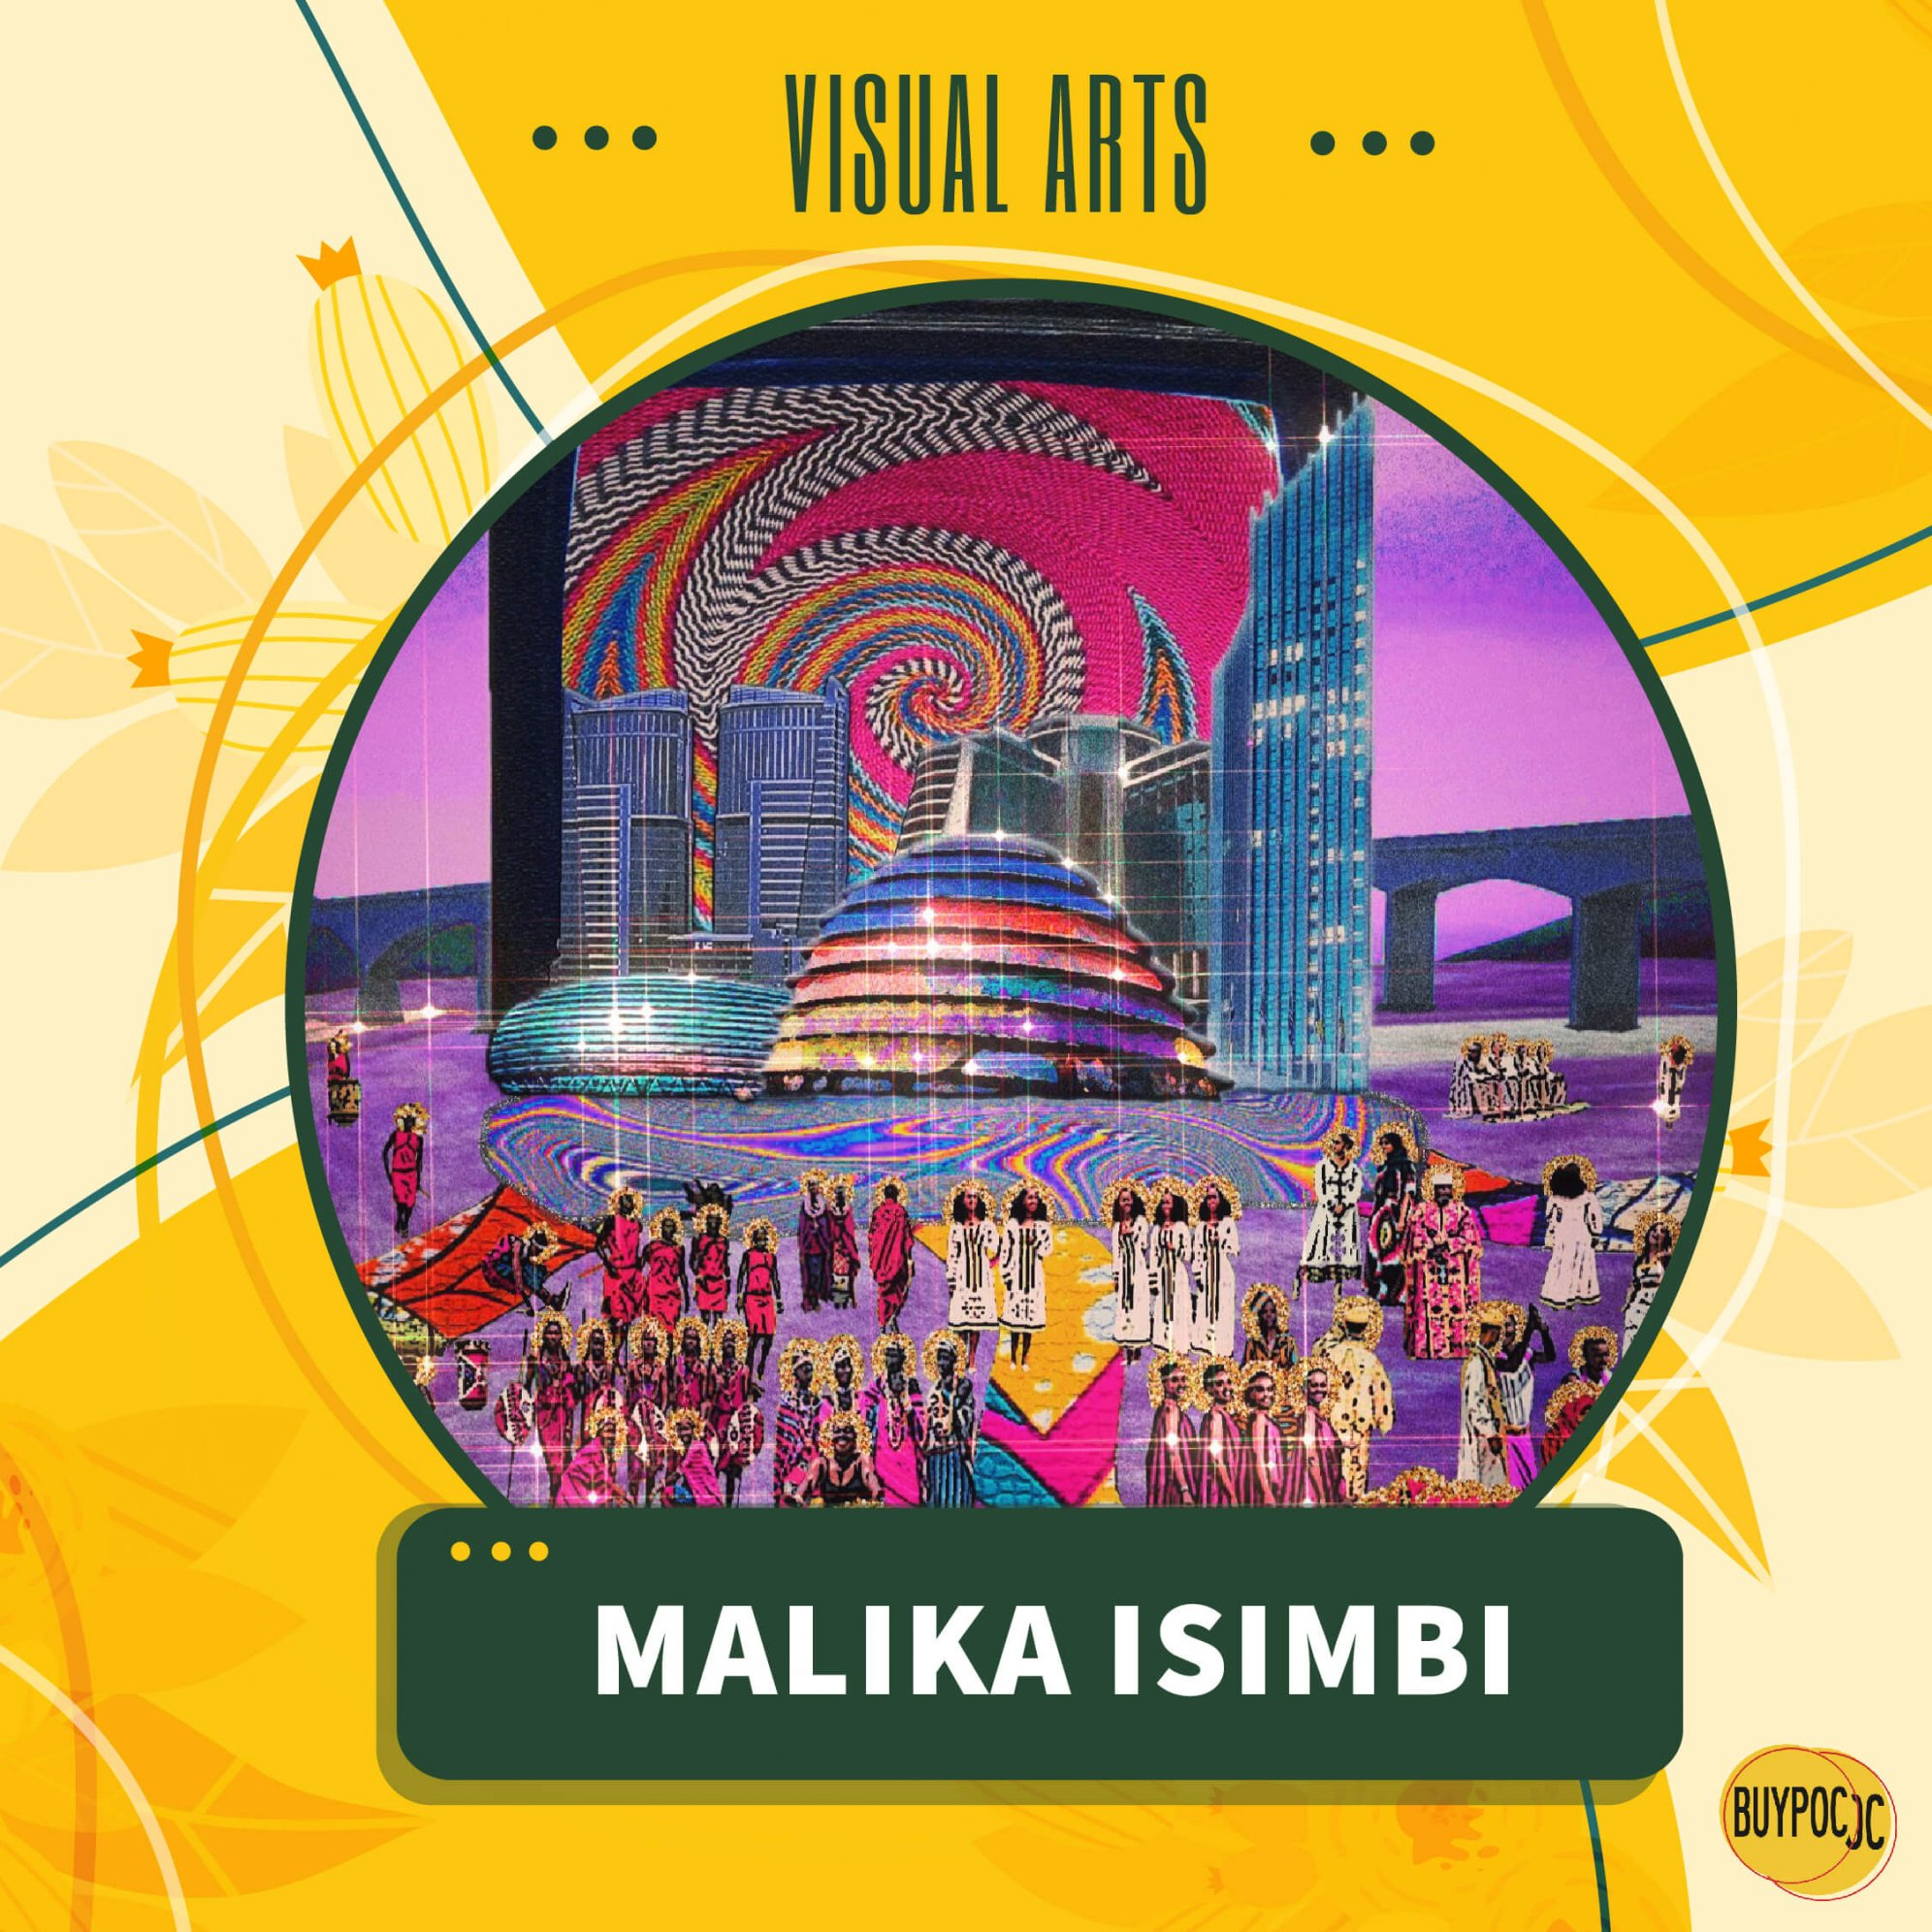 Malika Isimbi